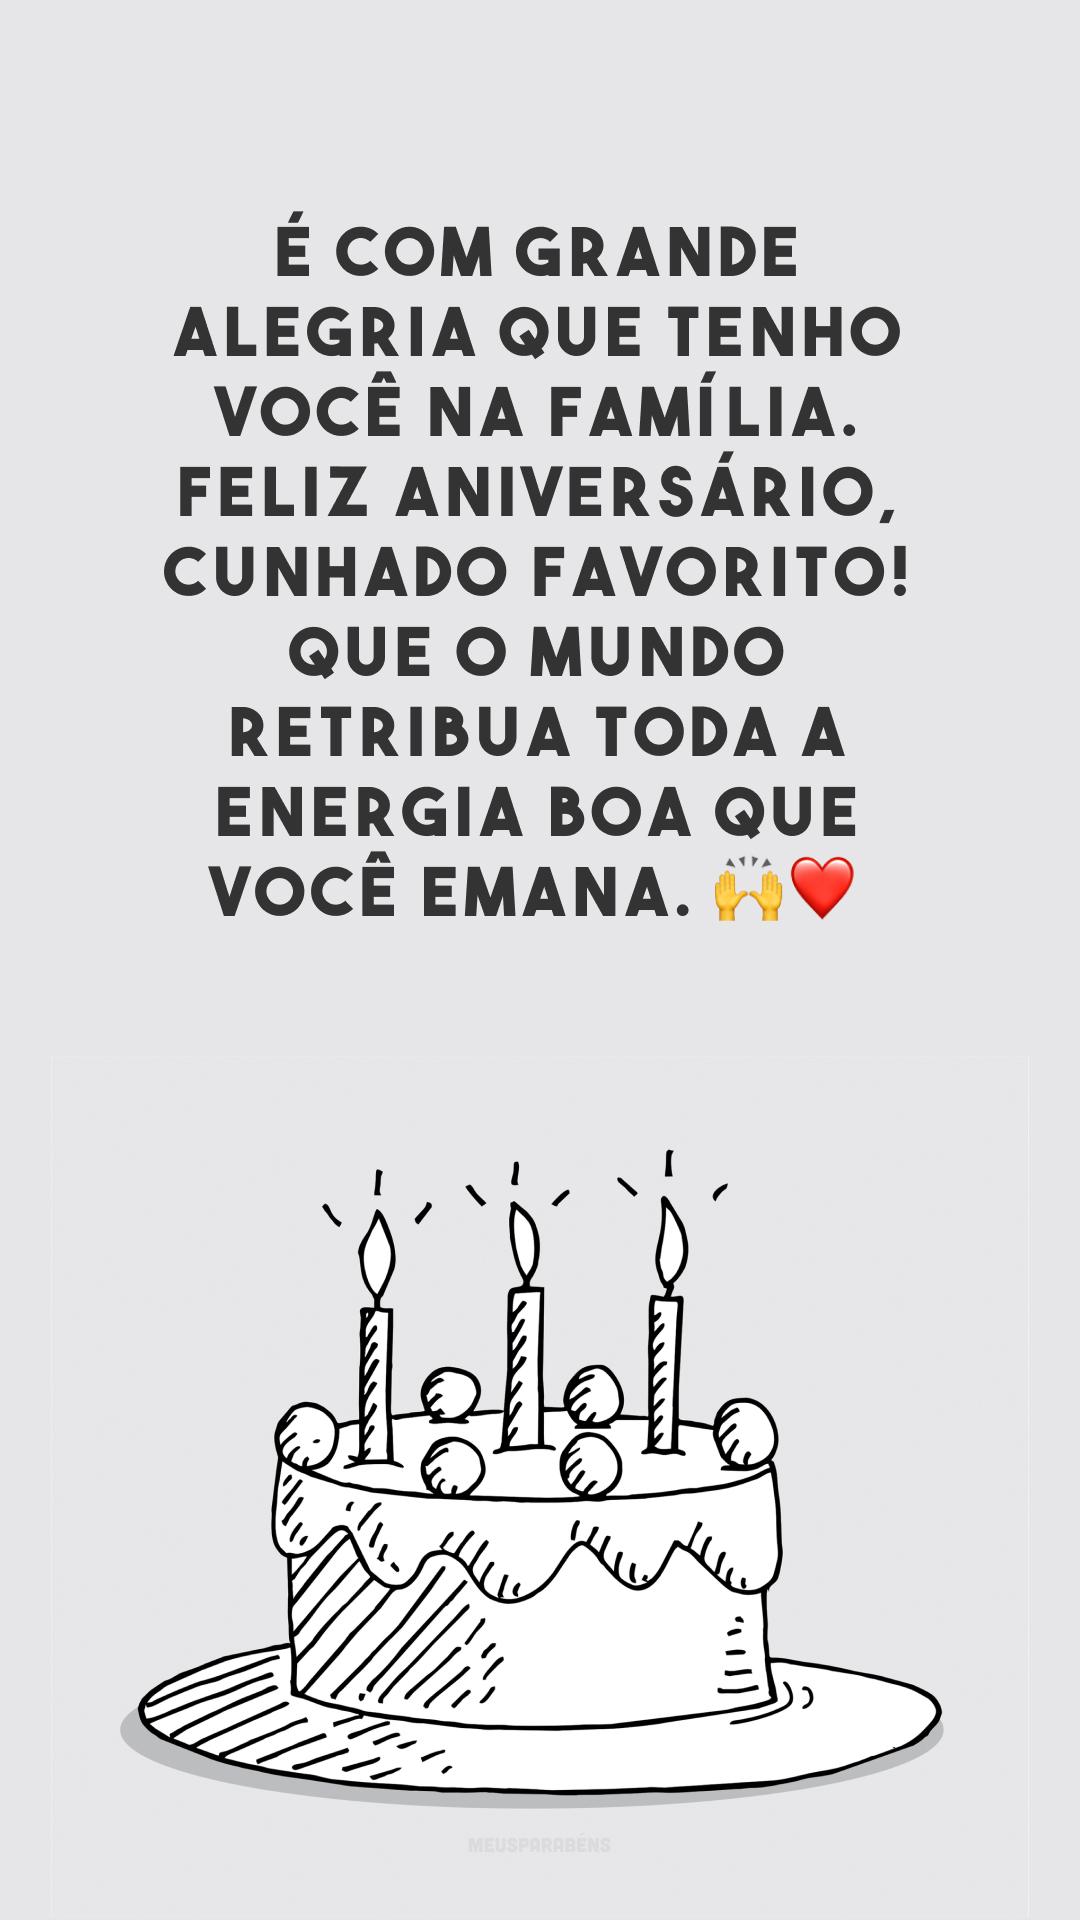 É com grande alegria que tenho você na família. Feliz aniversário, cunhado favorito! Que o mundo retribua toda a energia boa que você emana. 🙌❤️